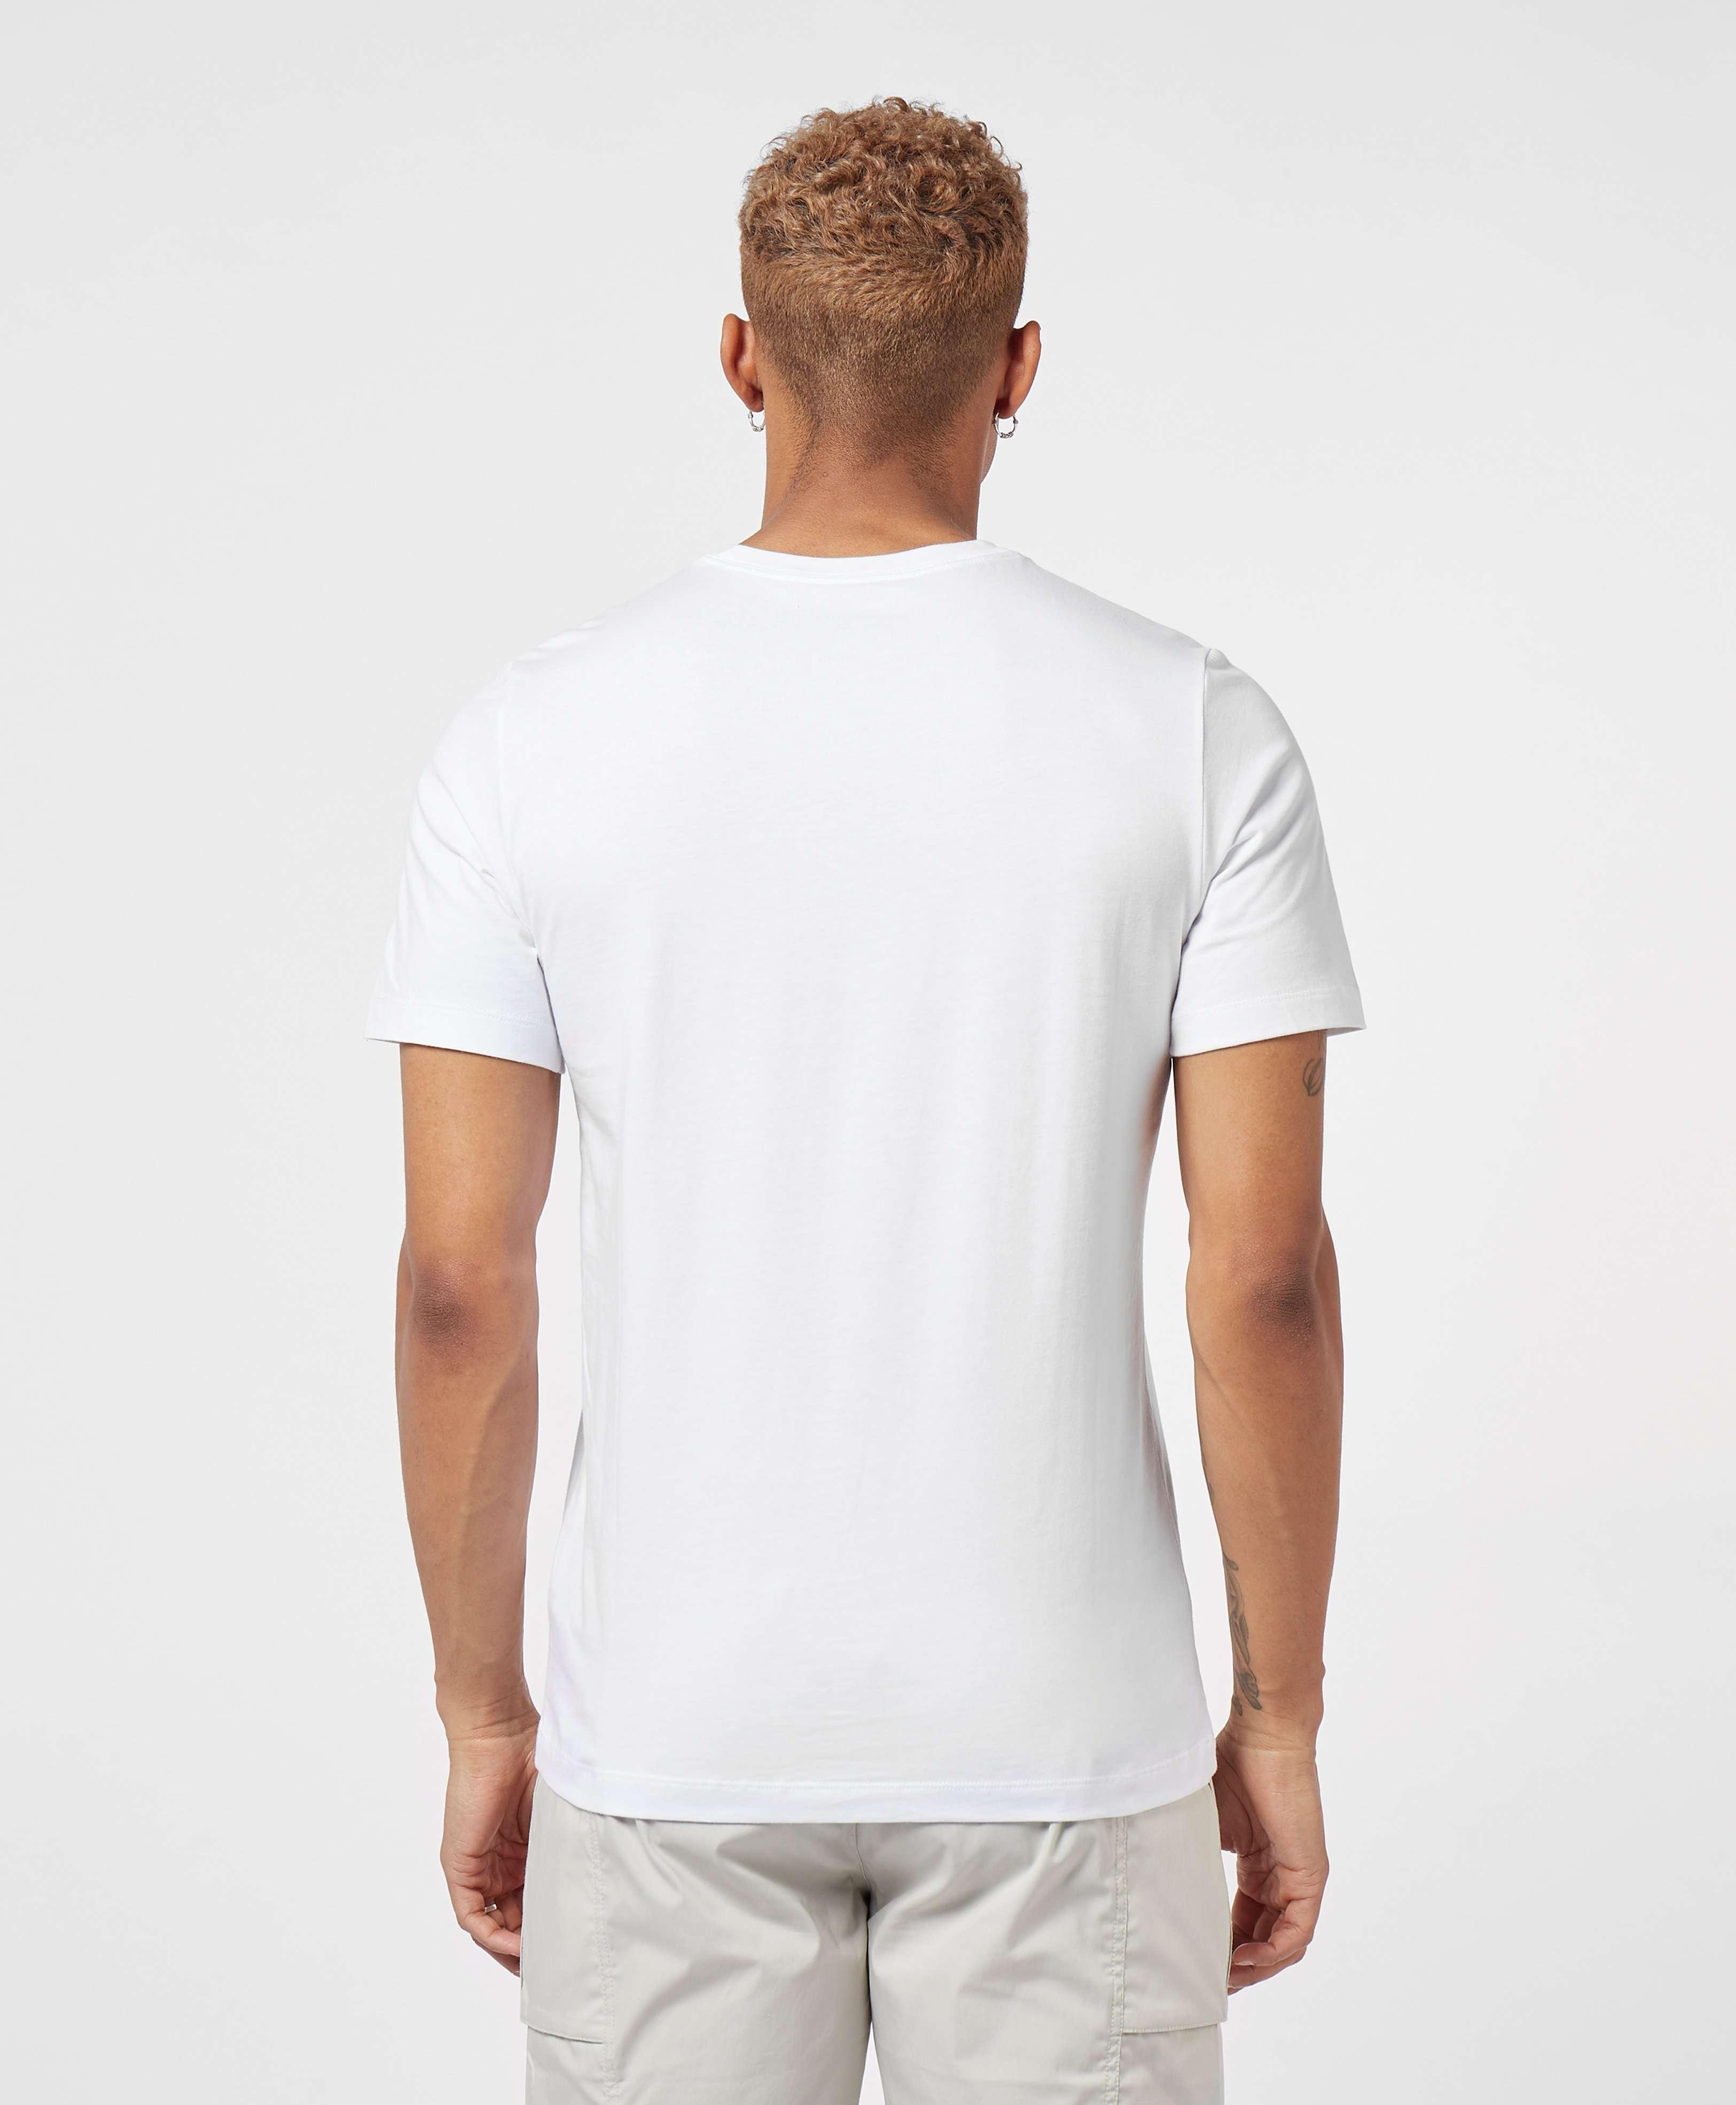 Nike Sunset Palm Short Sleeve T-Shirt